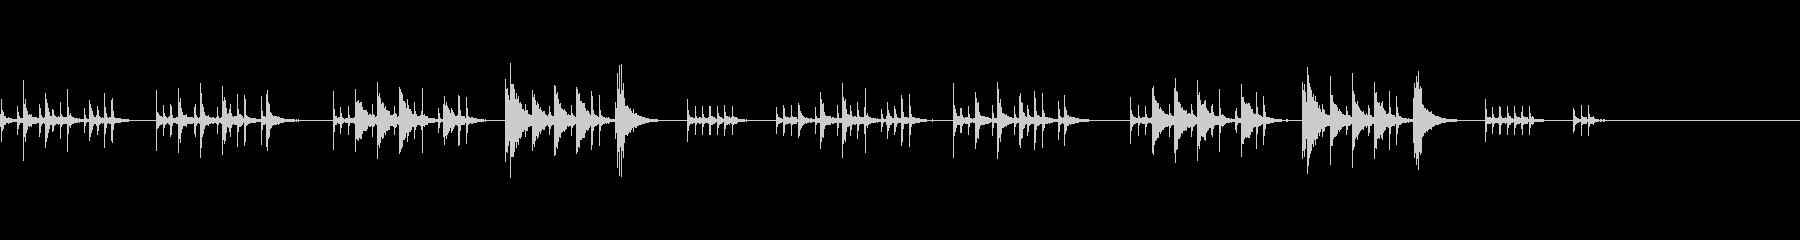 打楽器のみのちょっとコミカルな曲の未再生の波形